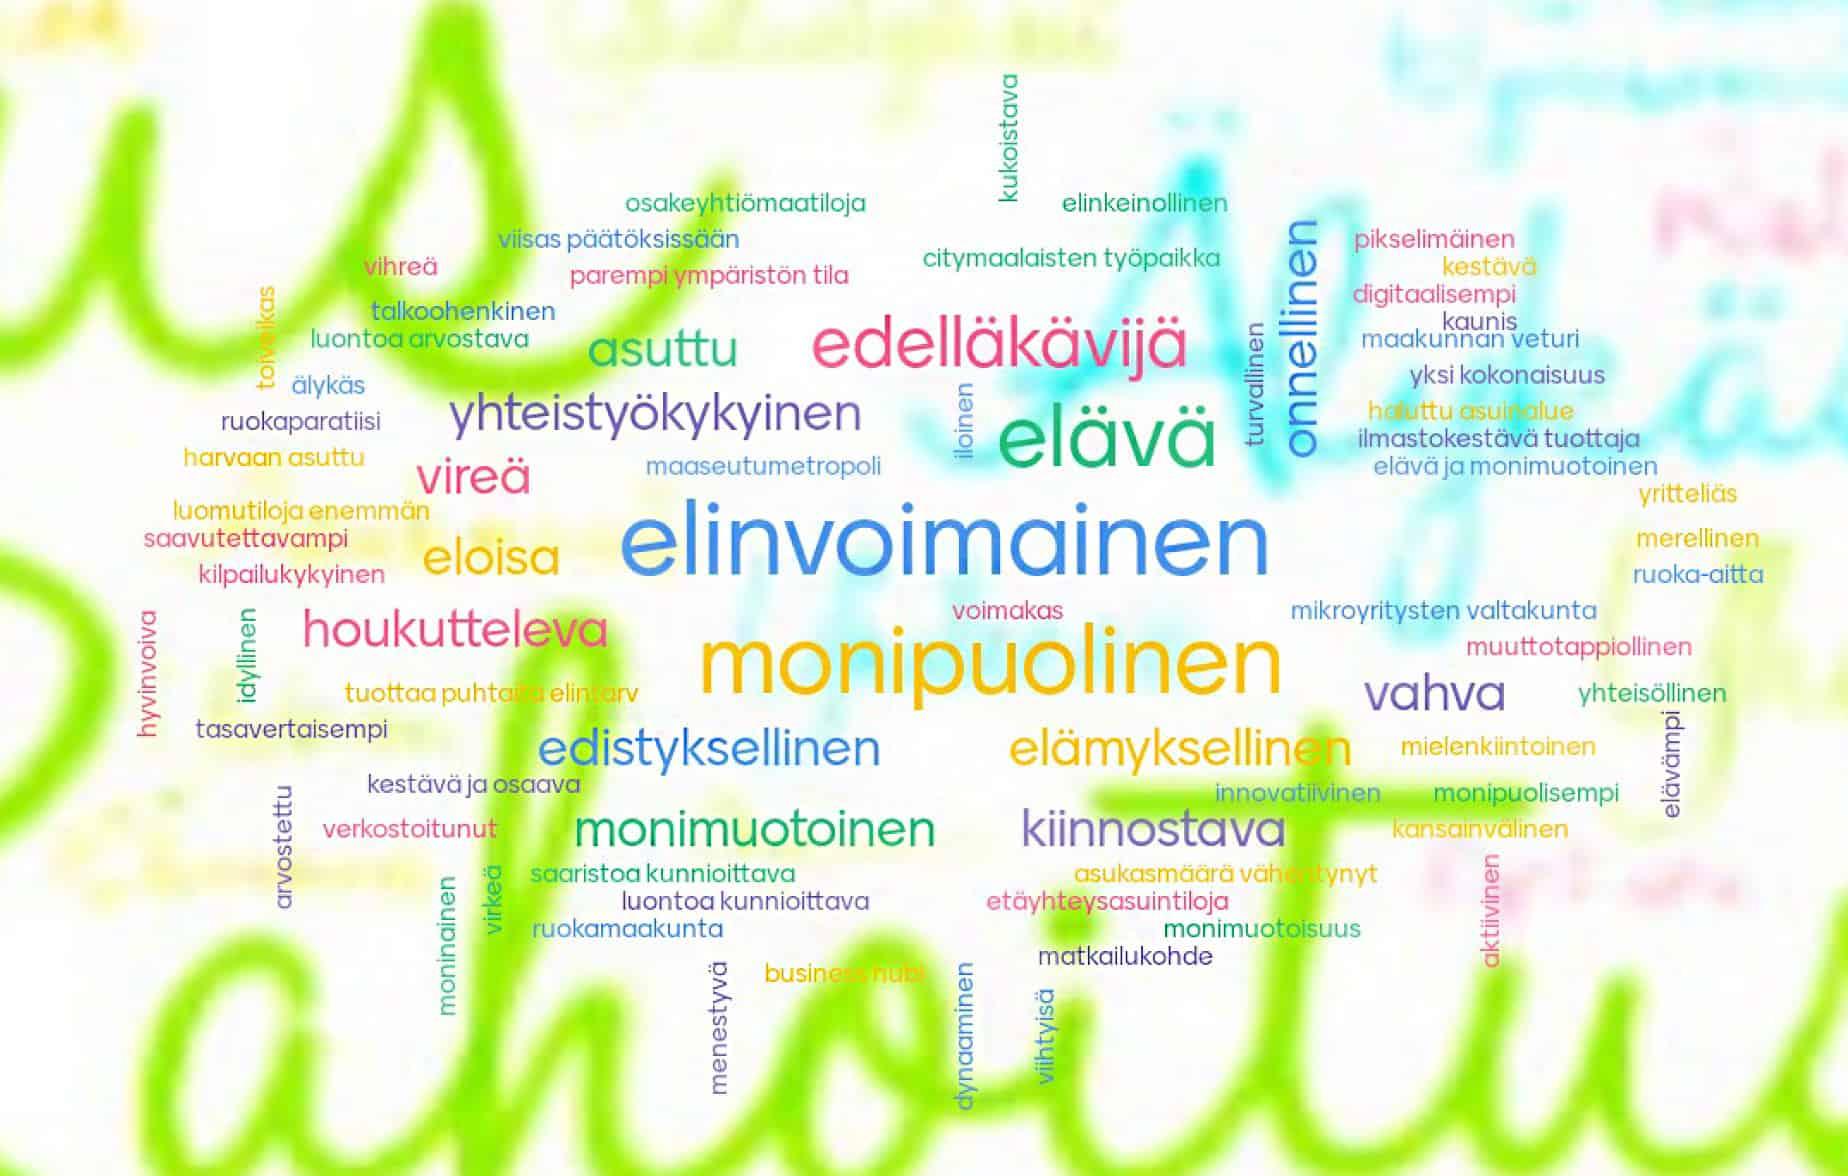 Varsinais-Suomen Älykkäät maaseudut -webinaarin osallistujat haluavat maakunnan verkkoyhteydet kuntoon